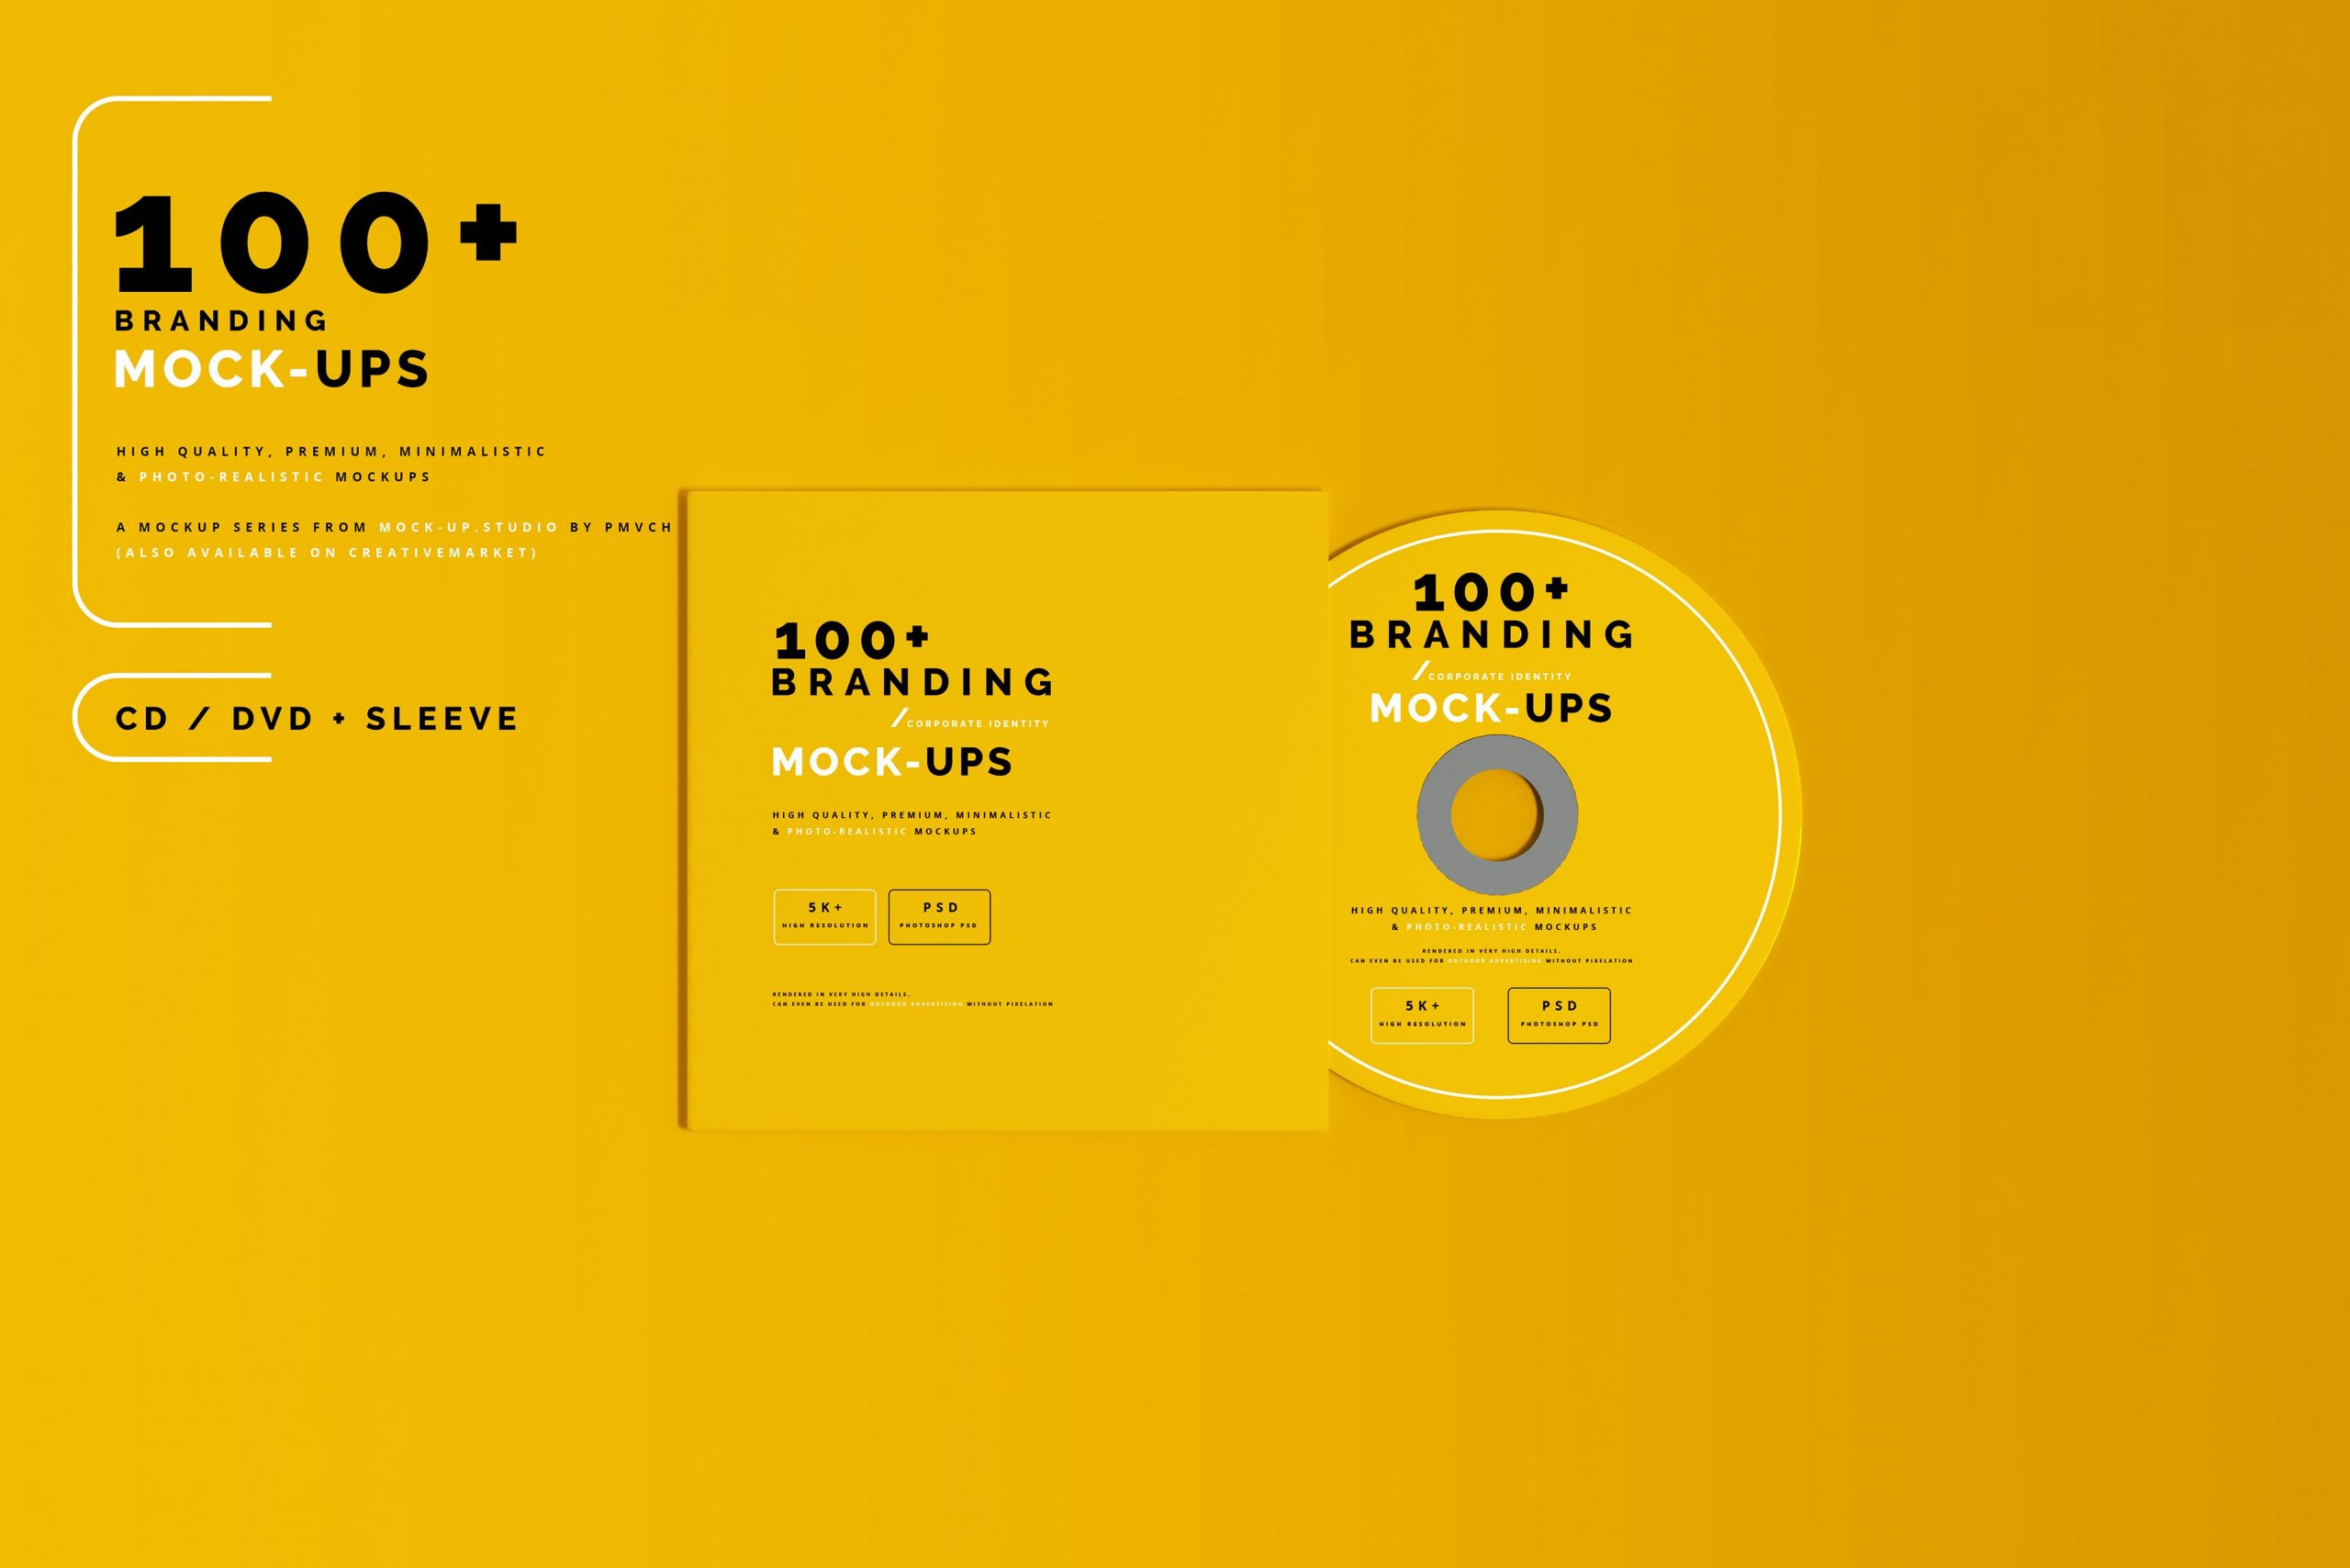 VI样机:100多个宣传册书籍瓶子名片CD封套咖啡杯化妆品海报横幅高分辨率品牌PSD样机(4248)插图(5)